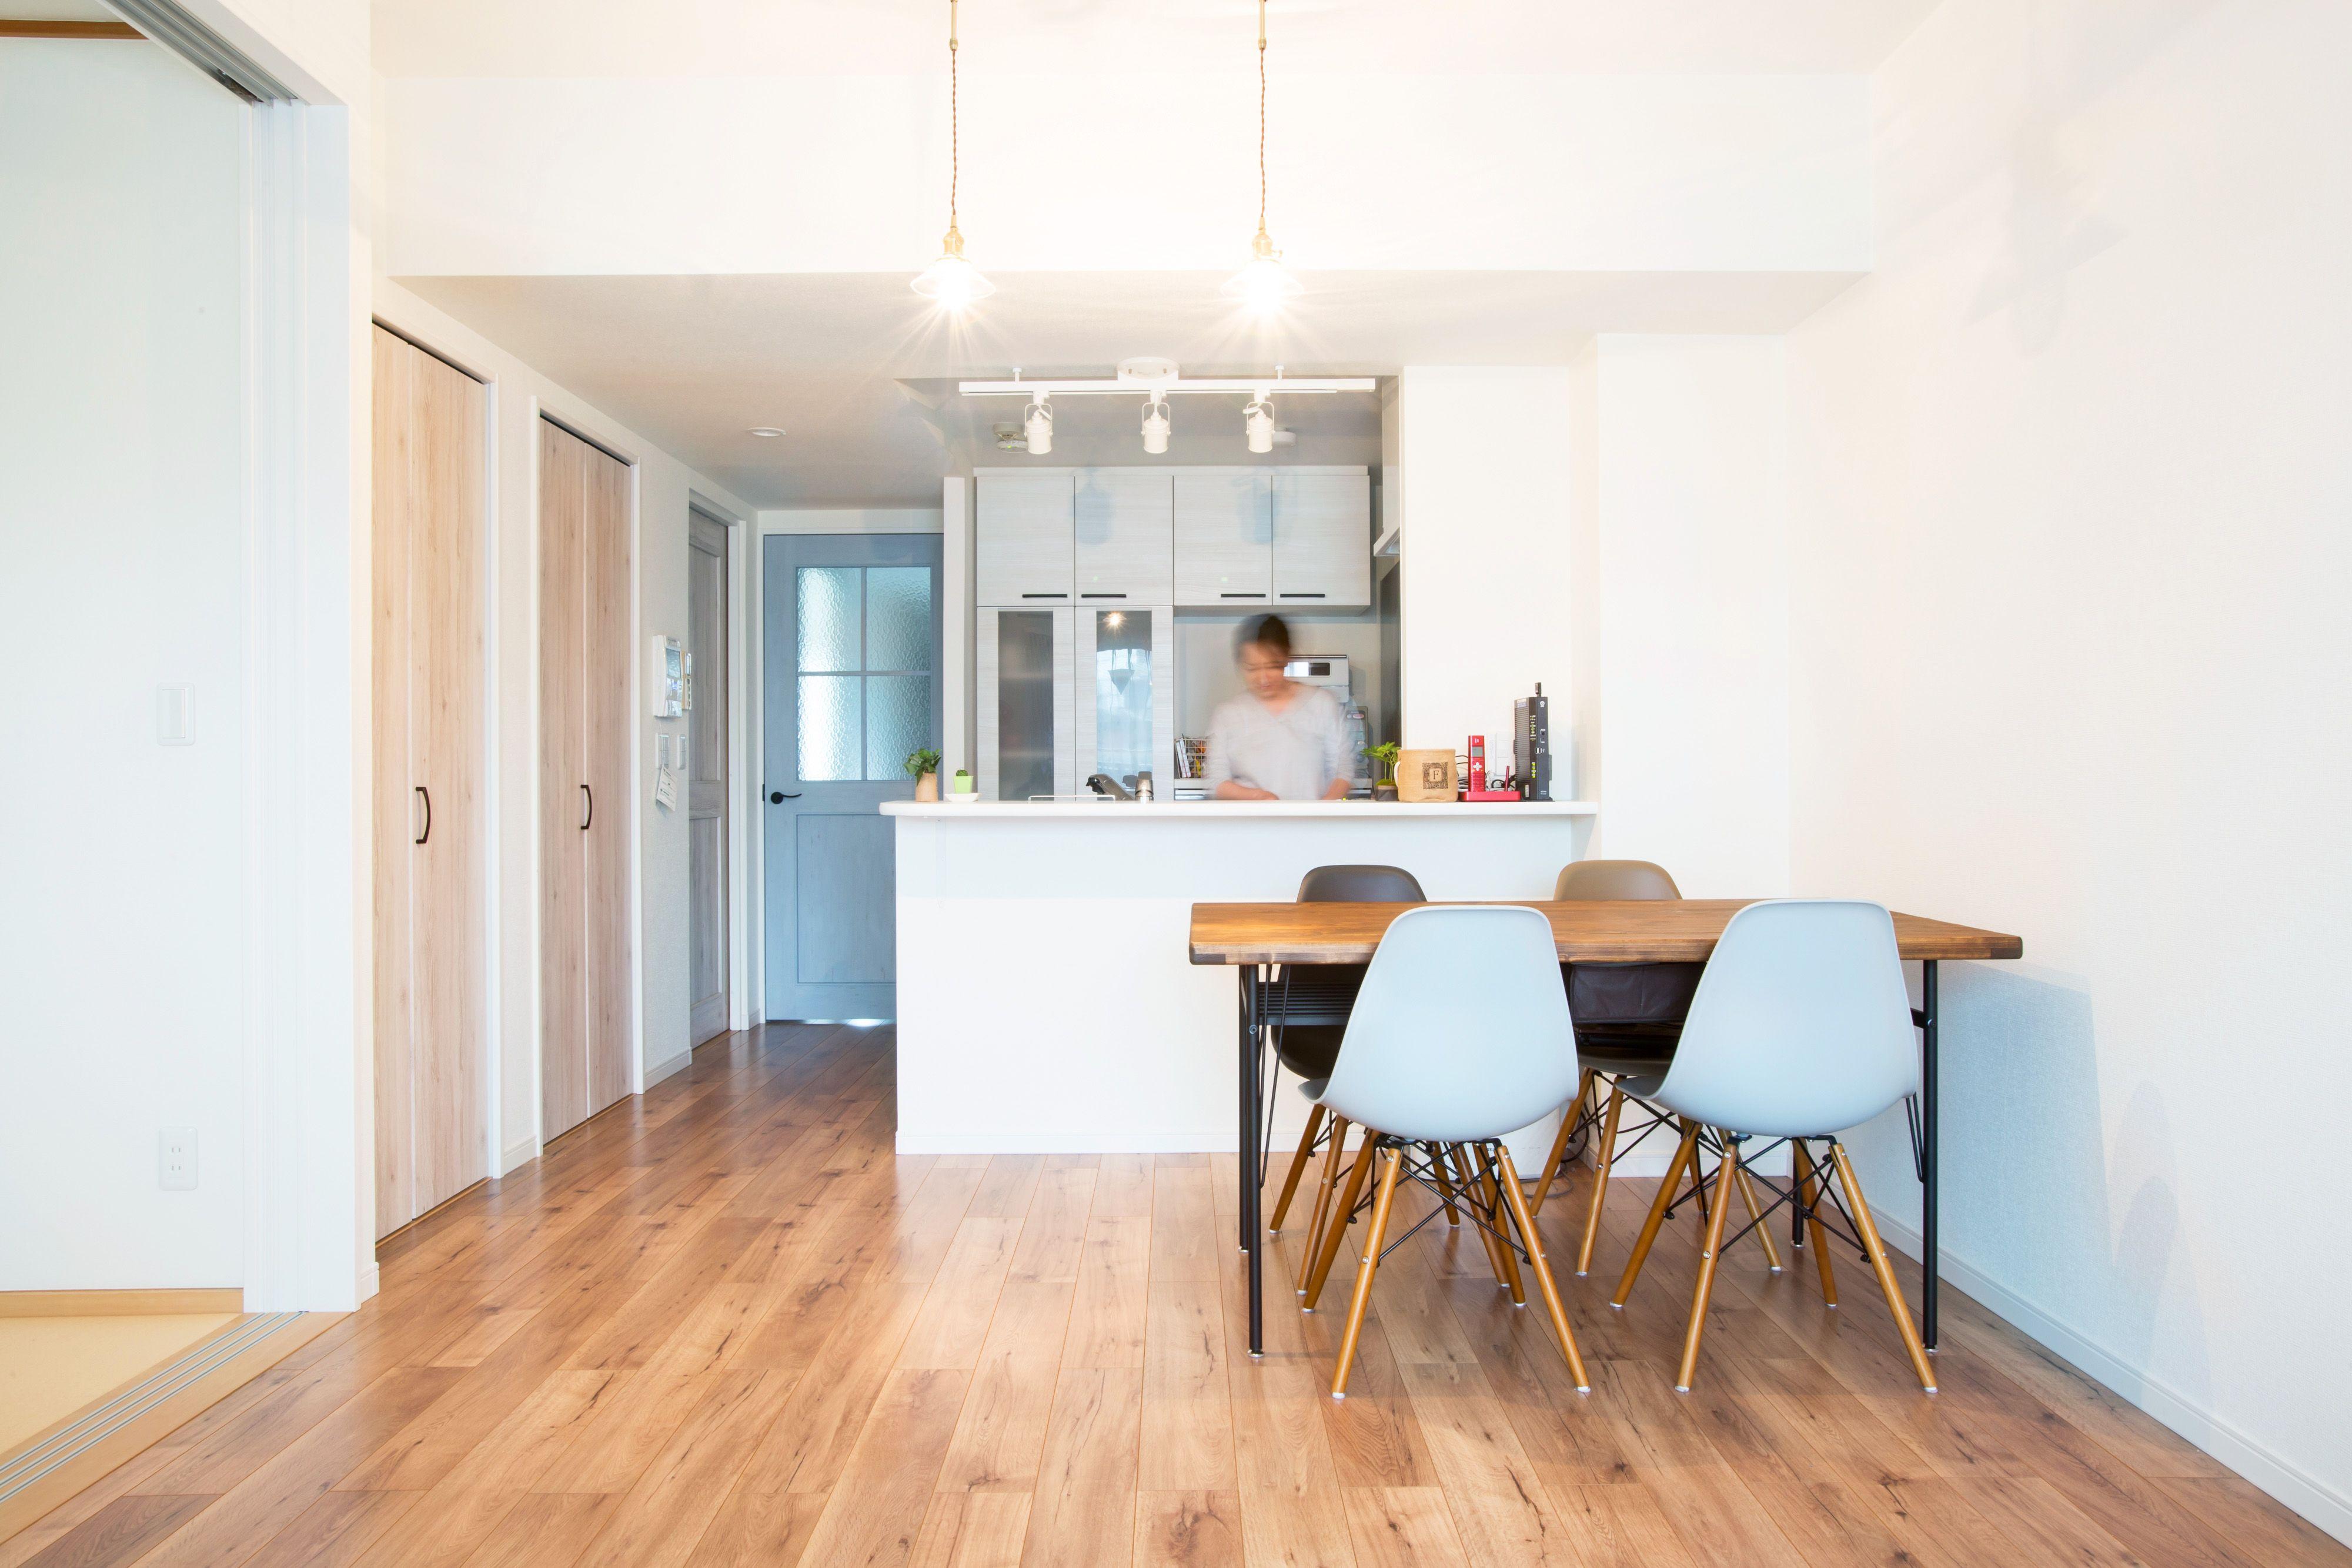 ビンテージ家具が映えるマンションリノベ ラビングホーム山口企画設計東京支社のフォトギャラリー リノベーション 和室 リビング 模様替え